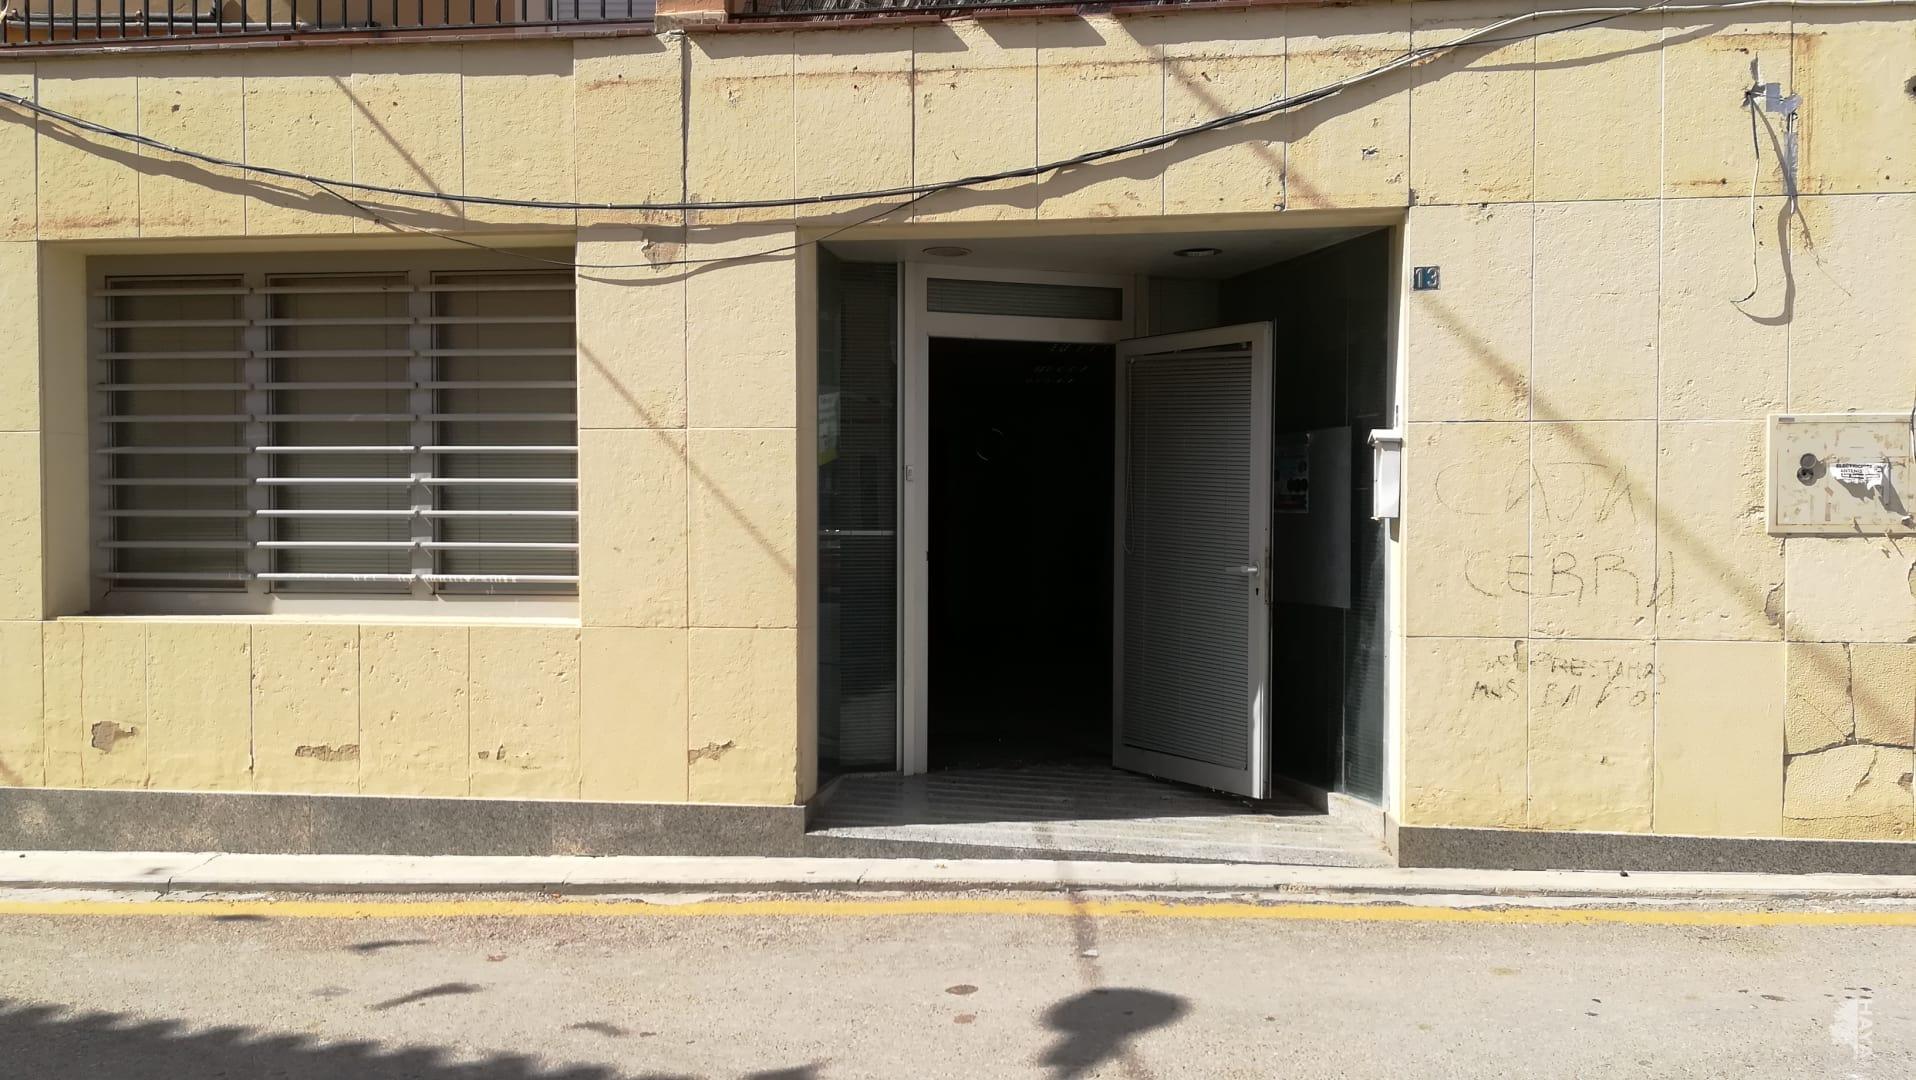 Local en venta en Lorca, Murcia, Calle Juan Carlos I, 96.548 €, 163 m2